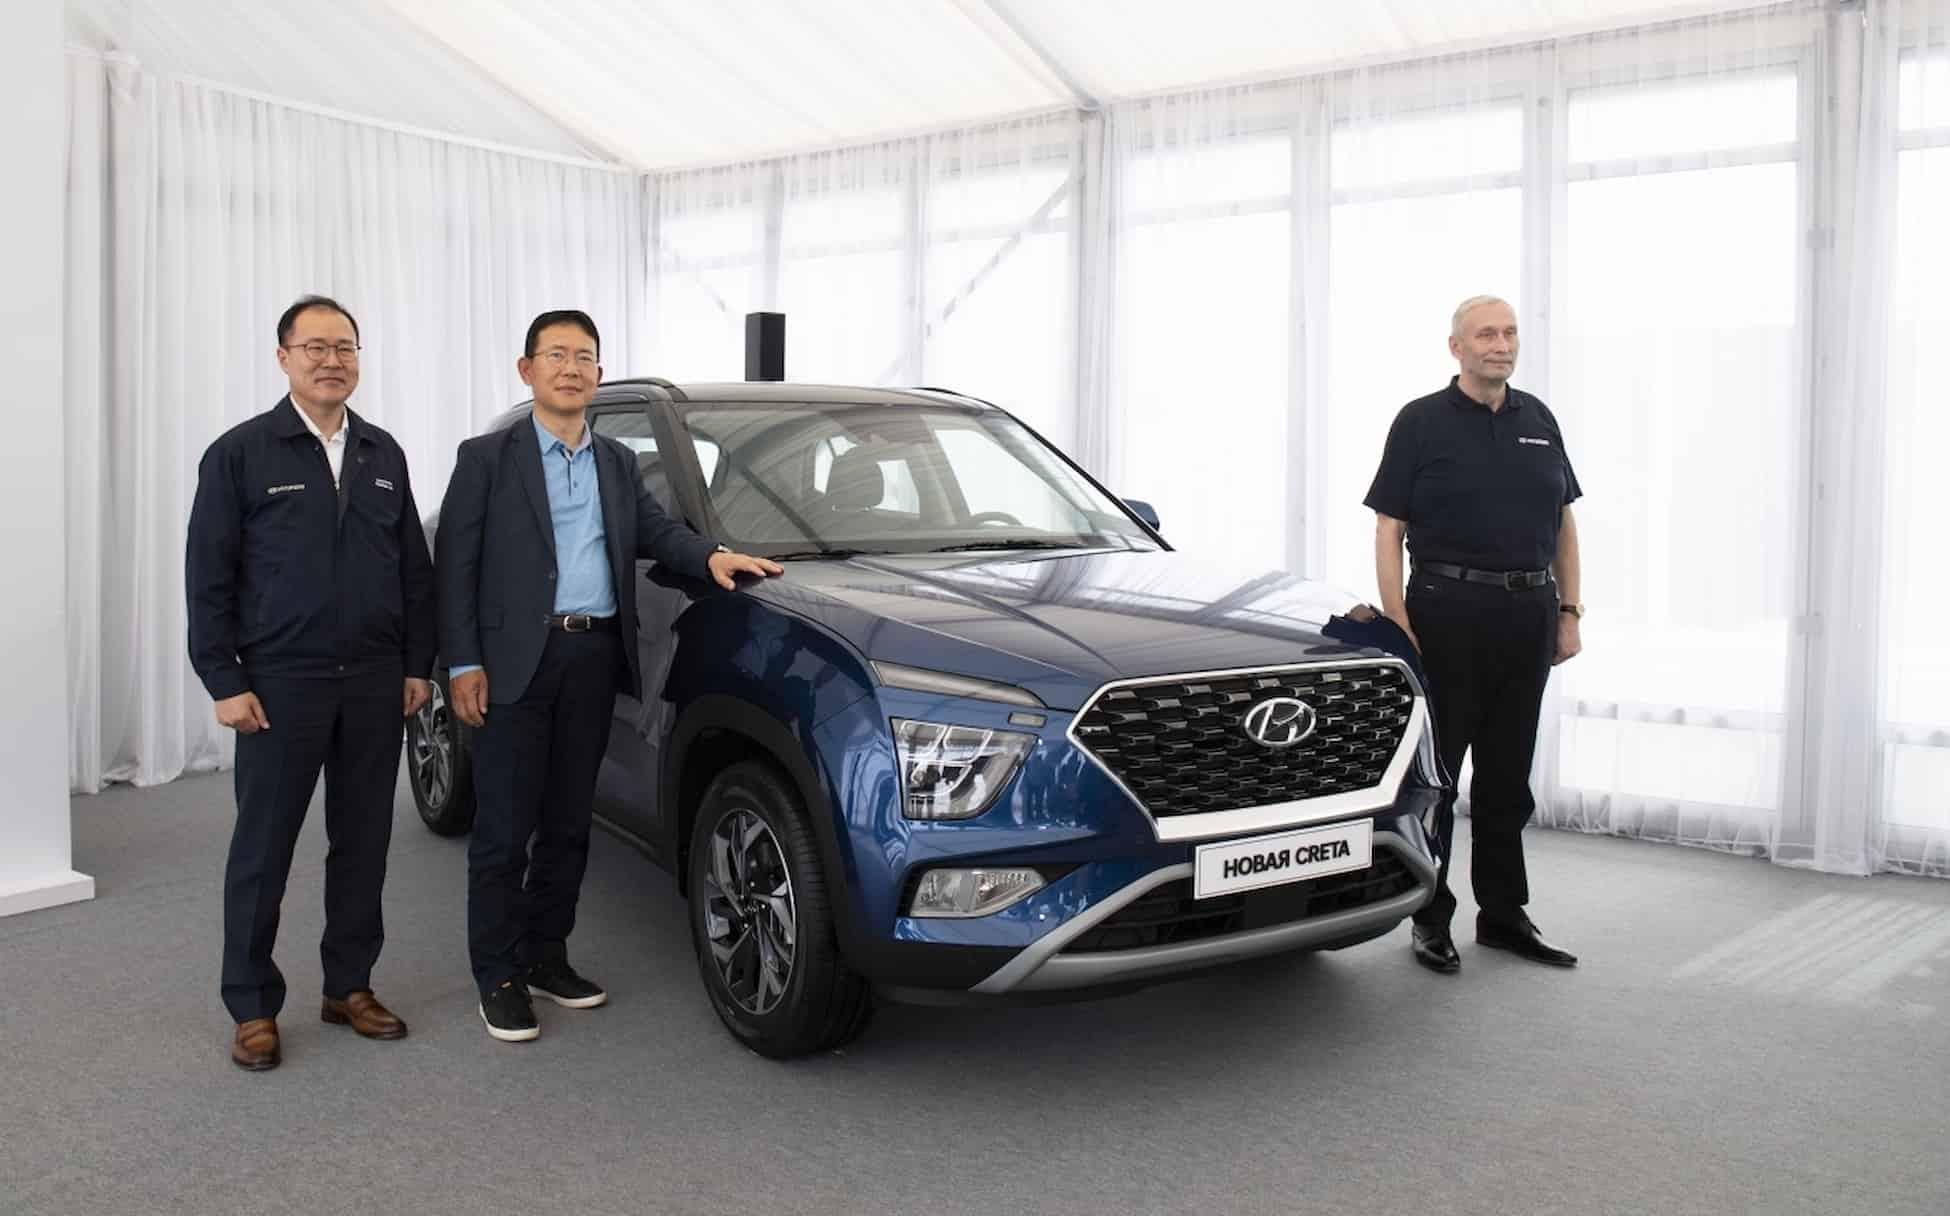 Hyundai представляет новое поколение компактного кроссовера Creta